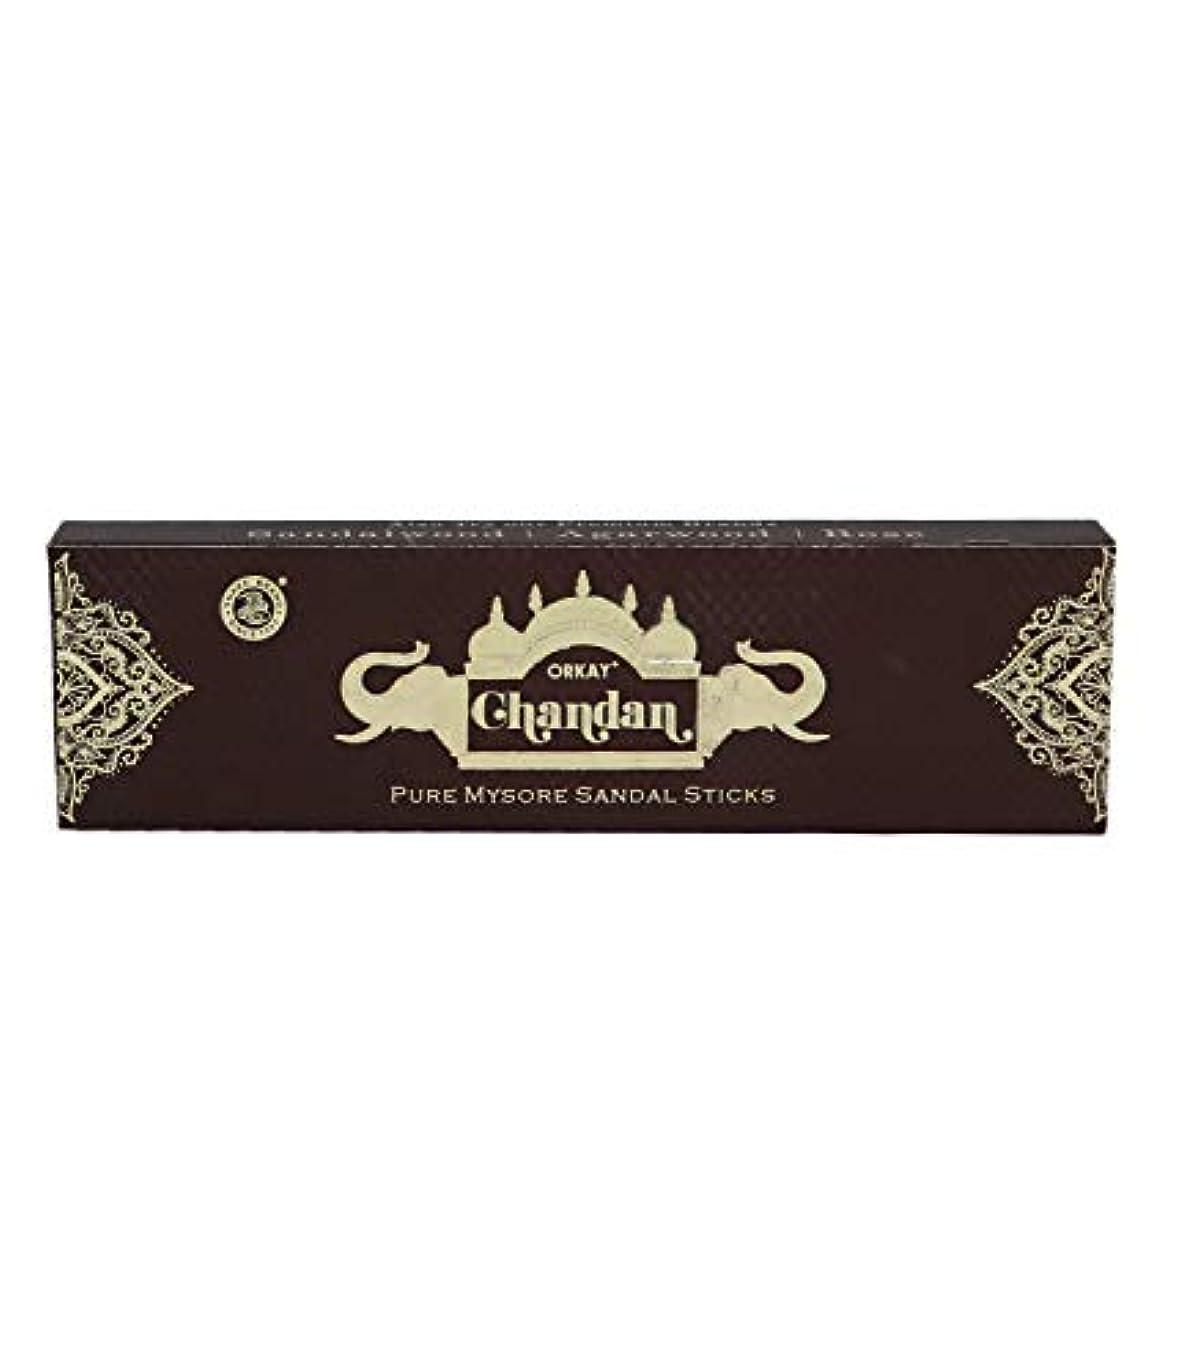 農村テスピアン冷酷なOrkay Chandan Pure Mysore Sandalお香サンダルウッド – 10スティックボックス ブラウン C550